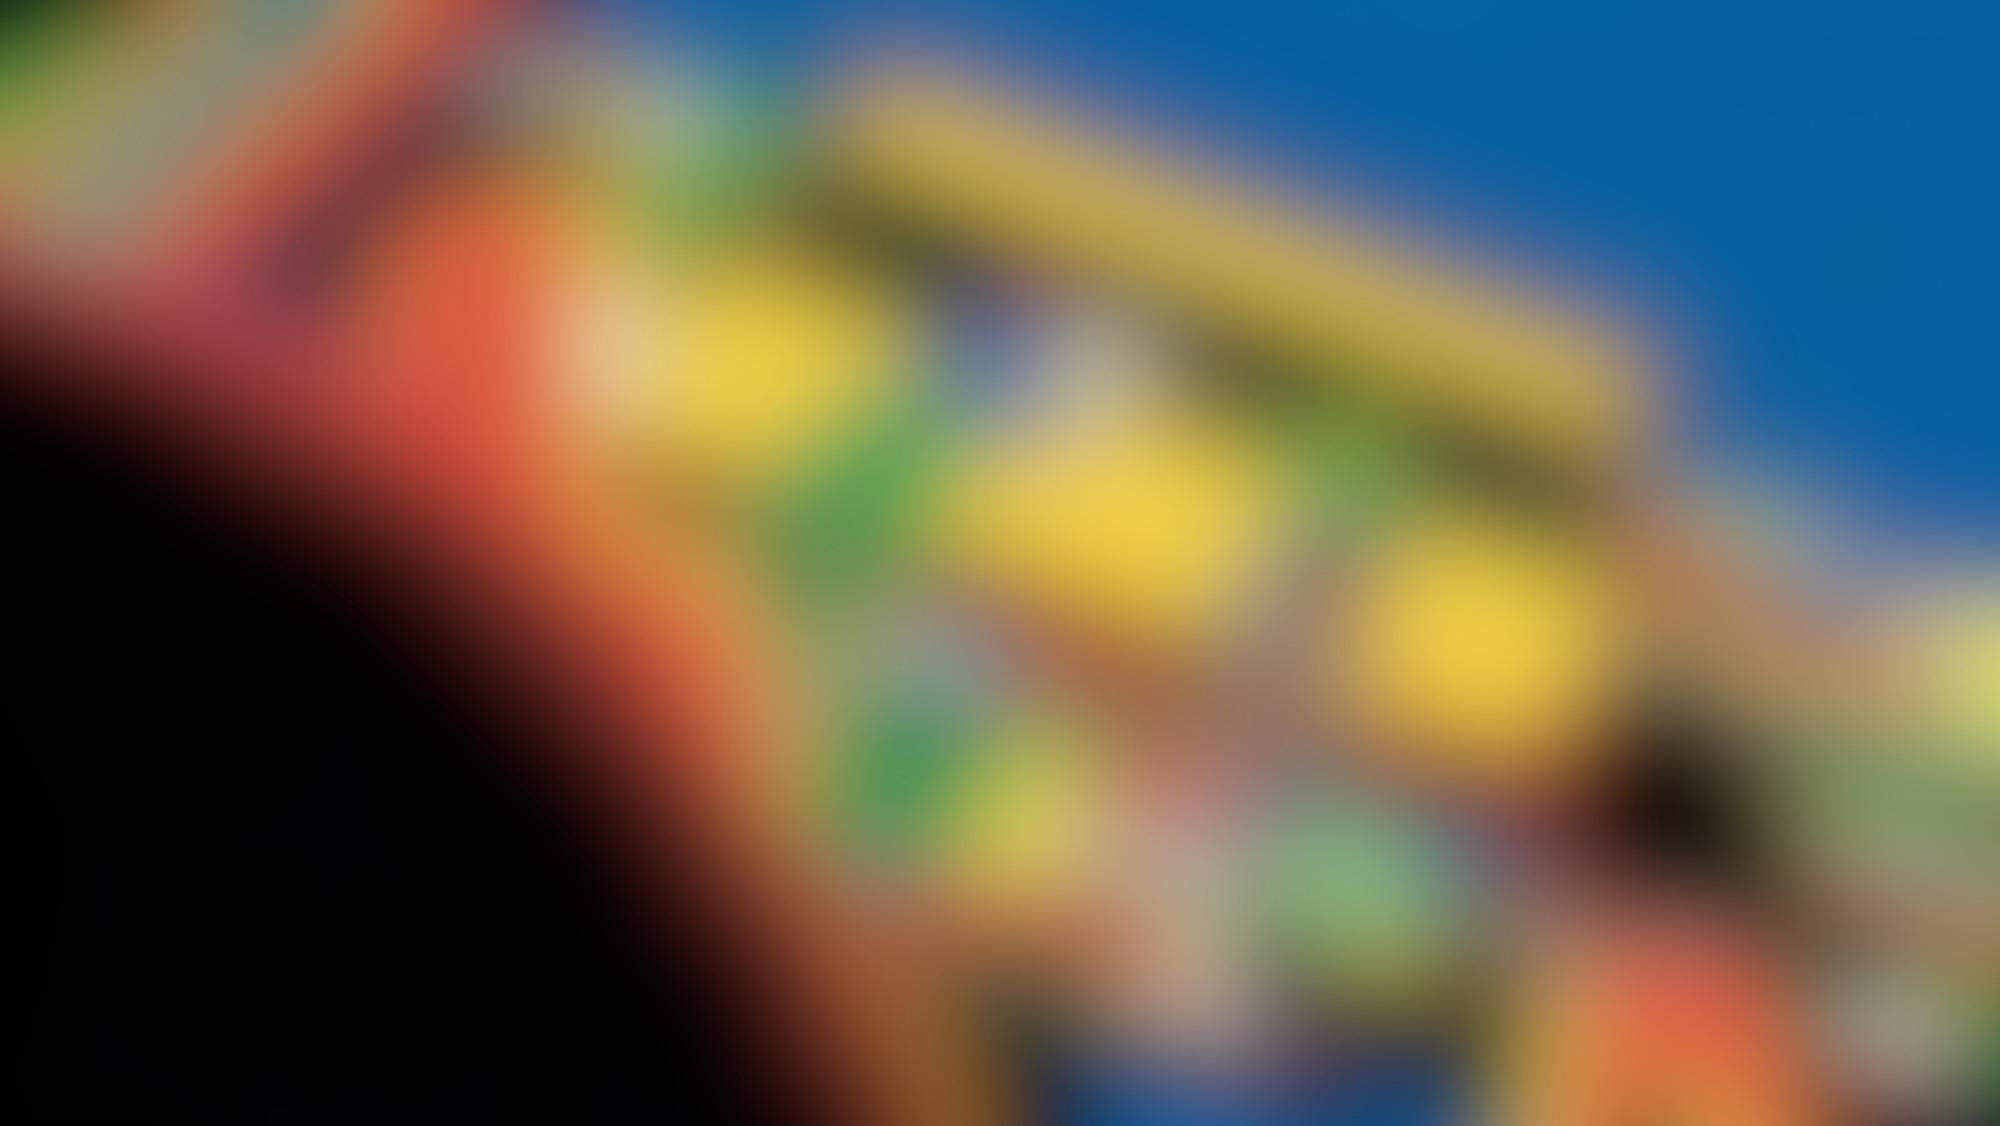 29461e27678009 56faa863a3957 autocompressfitresizeixlibphp 1 1 0max h2000max w3 D2000q80s792b81fd2356b320b5340c9d56acb682